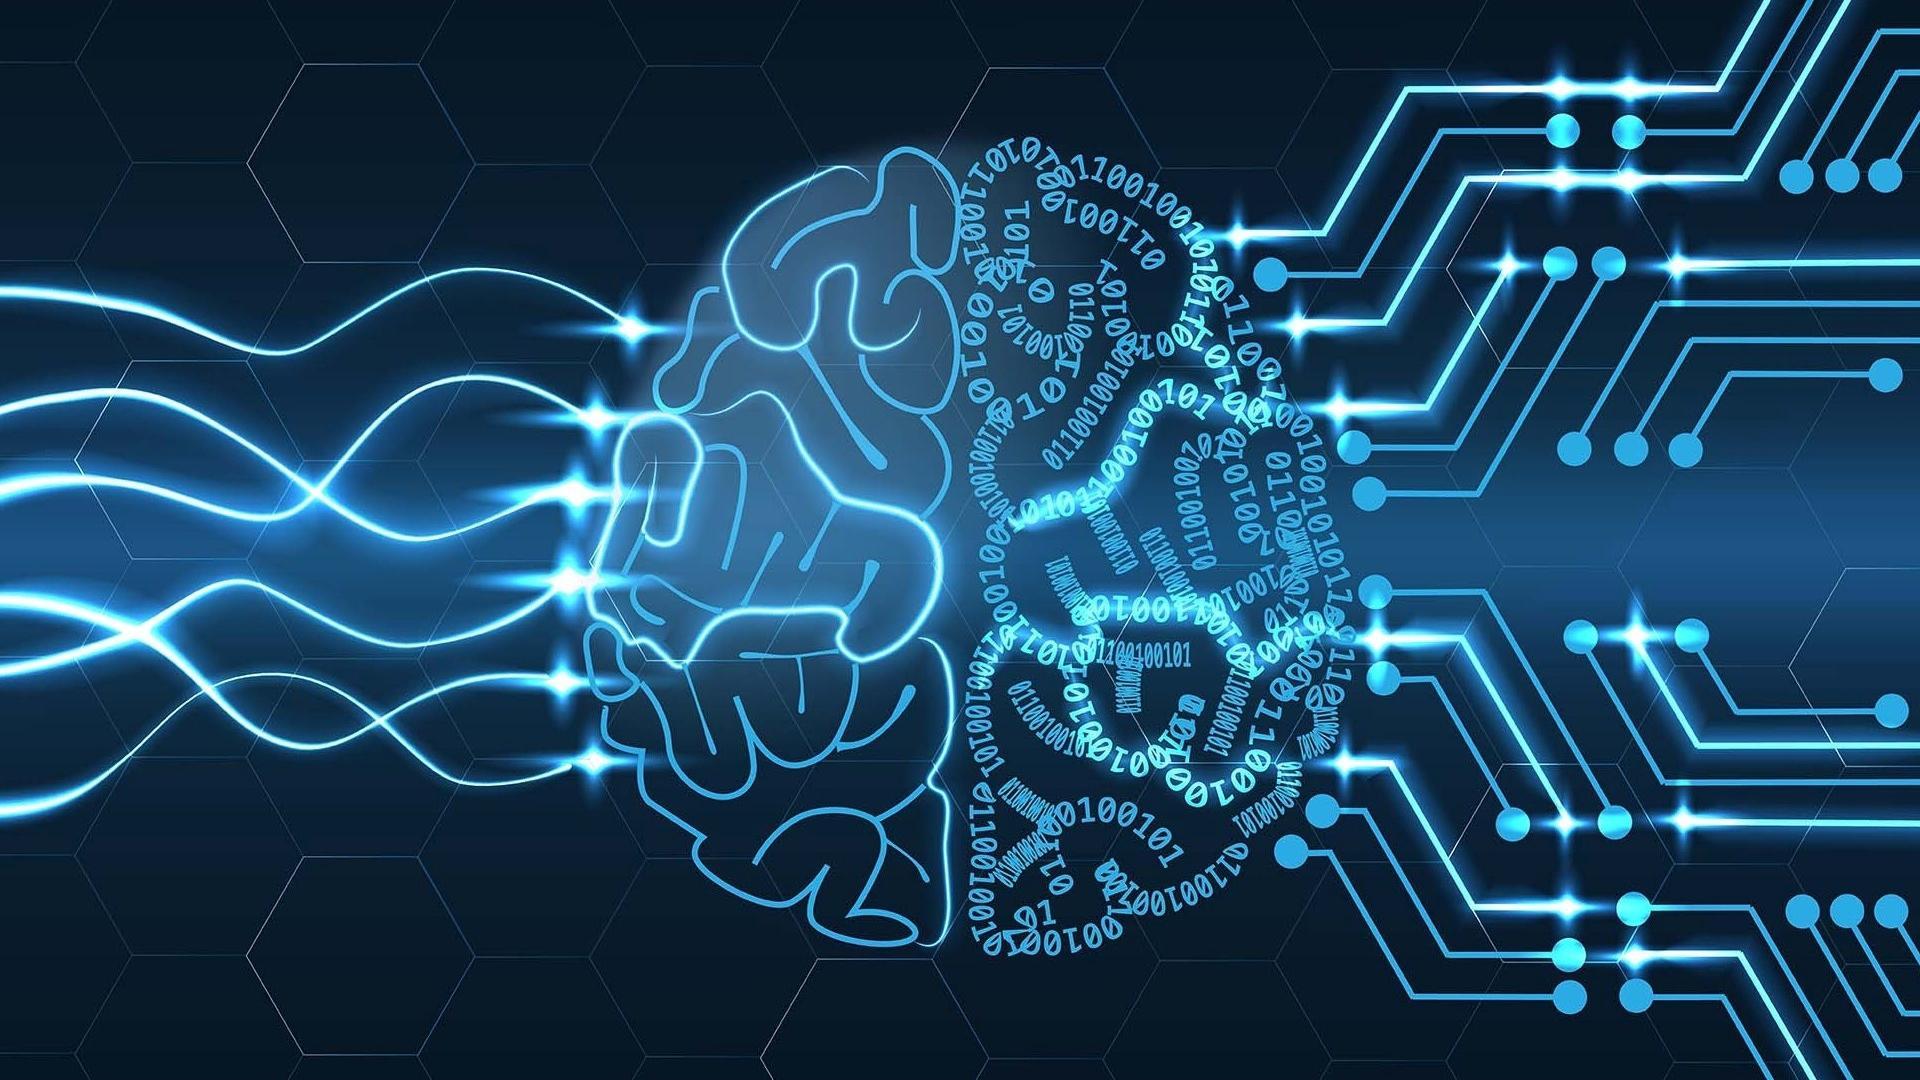 Нейросети помогли создать простой метод обнаружения патологий мозга